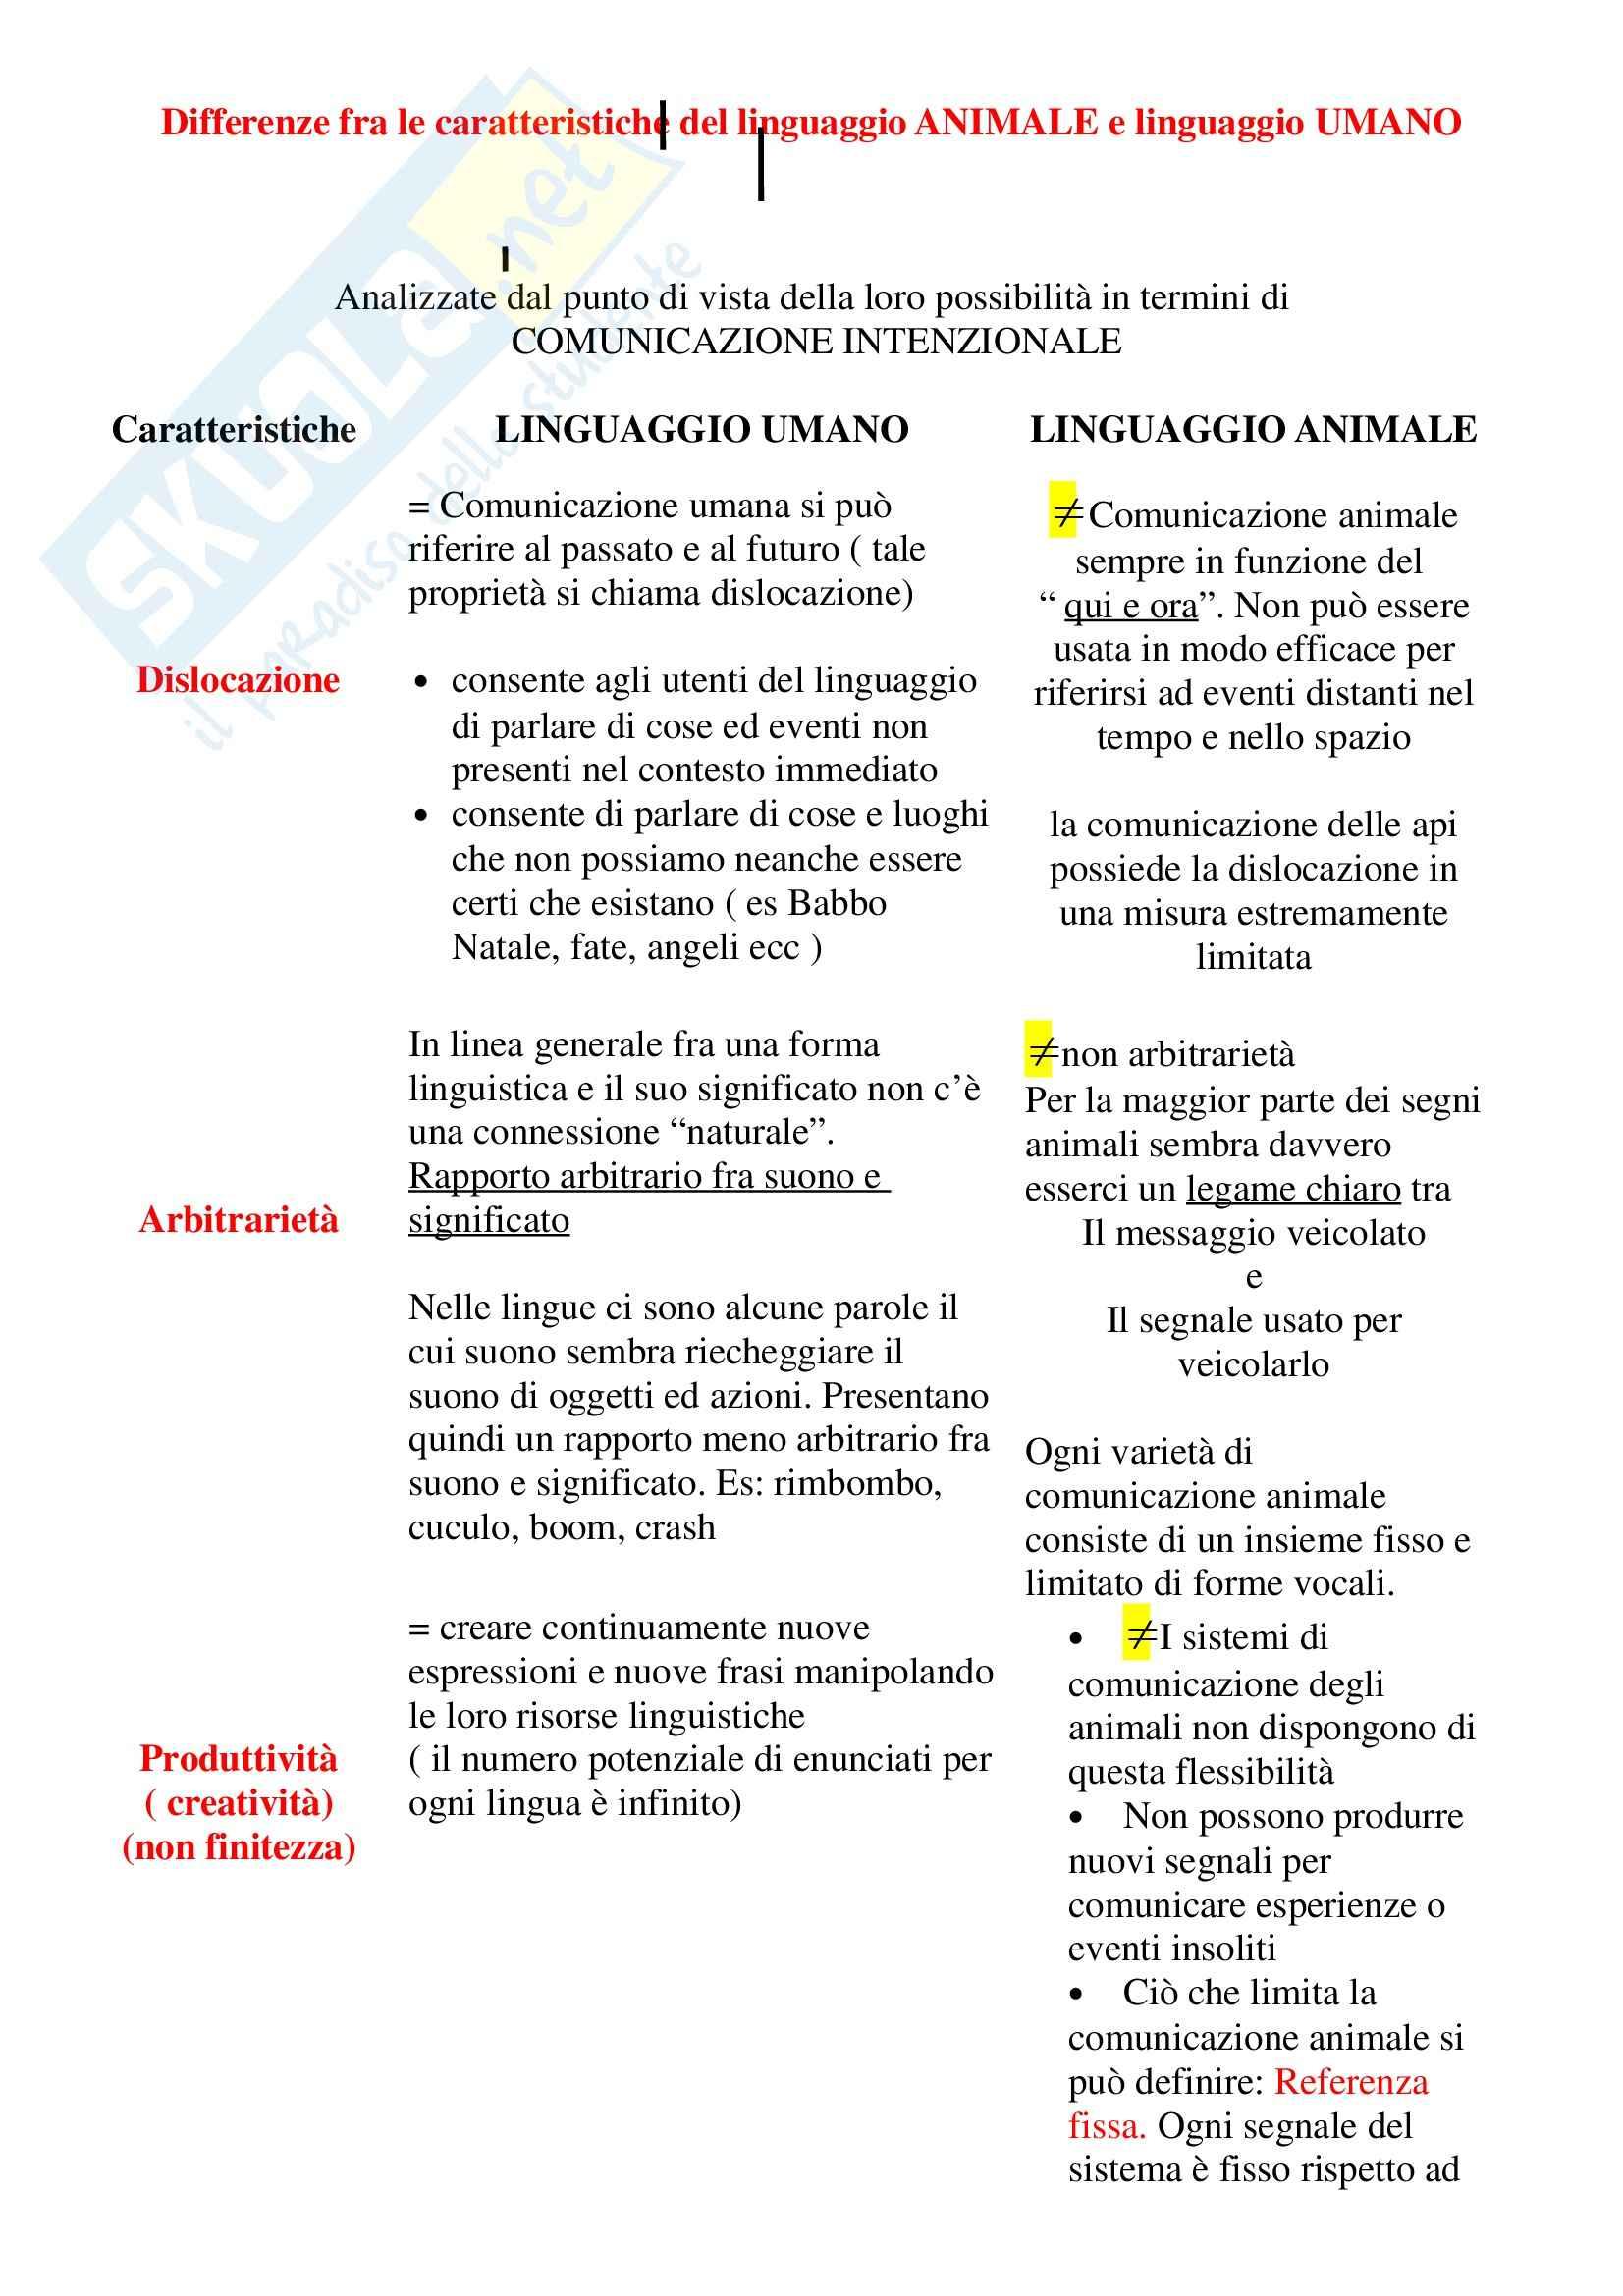 Differenze linguaggio animale e linguaggio umano, Semiotica